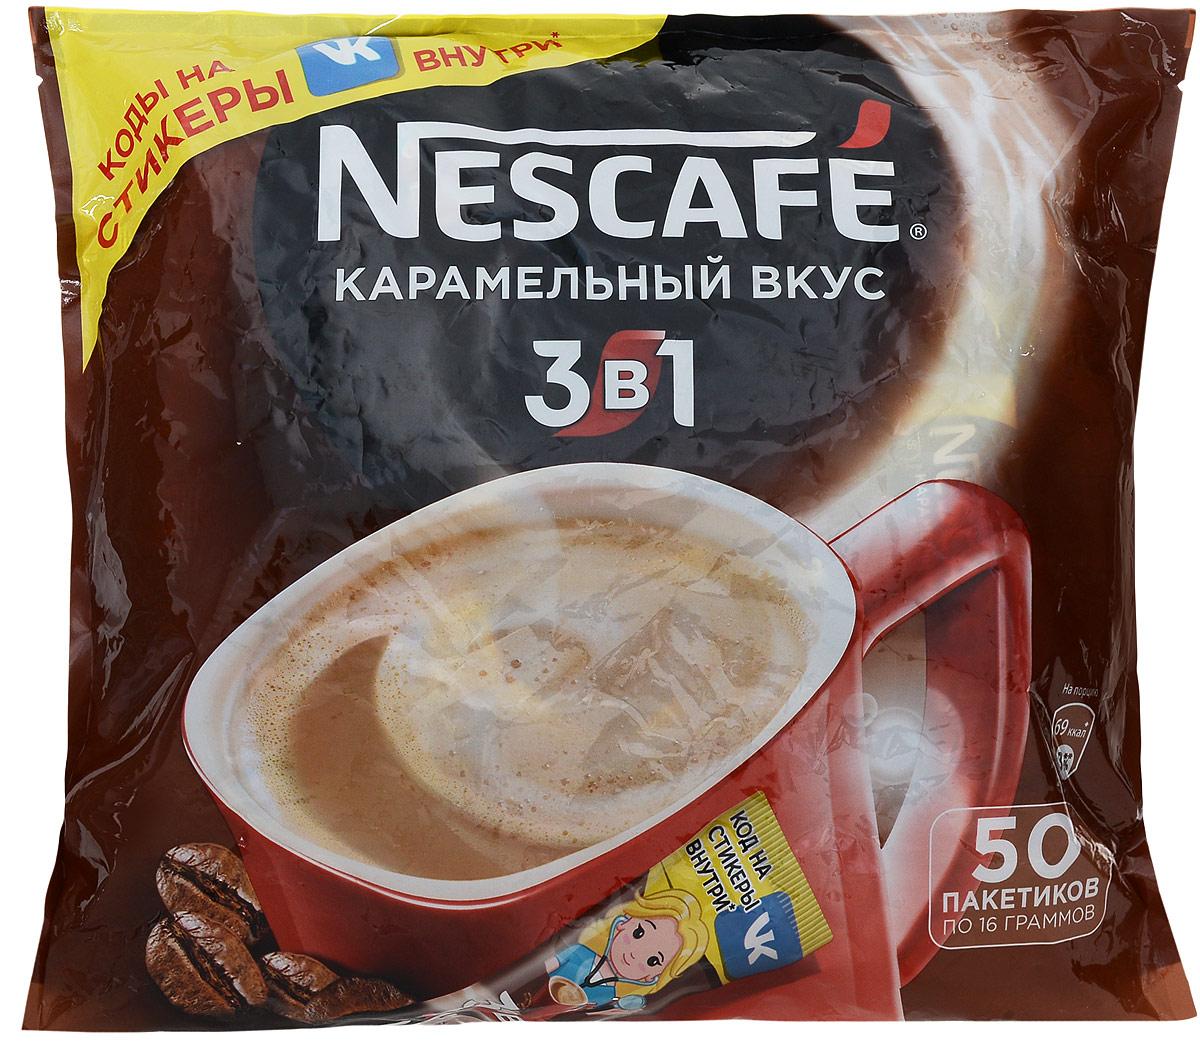 Nescafe 3 в 1 Карамельный кофе растворимый, 50 шт12194056Nescafe 3 в 1 Карамельный - кофейно-сливочный напиток, в состав которого входят высококачественные ингредиенты: кофе Nescafe, сахар, сливки растительного происхождения. Каждый пакетик Nescafe 3 в 1 подарит вамидеальное сочетание кофе, сливок, сахара! Уважаемые клиенты! Обращаем ваше внимание на то, что упаковка может иметь несколько видов дизайна. Поставка осуществляется в зависимости от наличия на складе. Кофе: мифы и факты. Статья OZON Гид